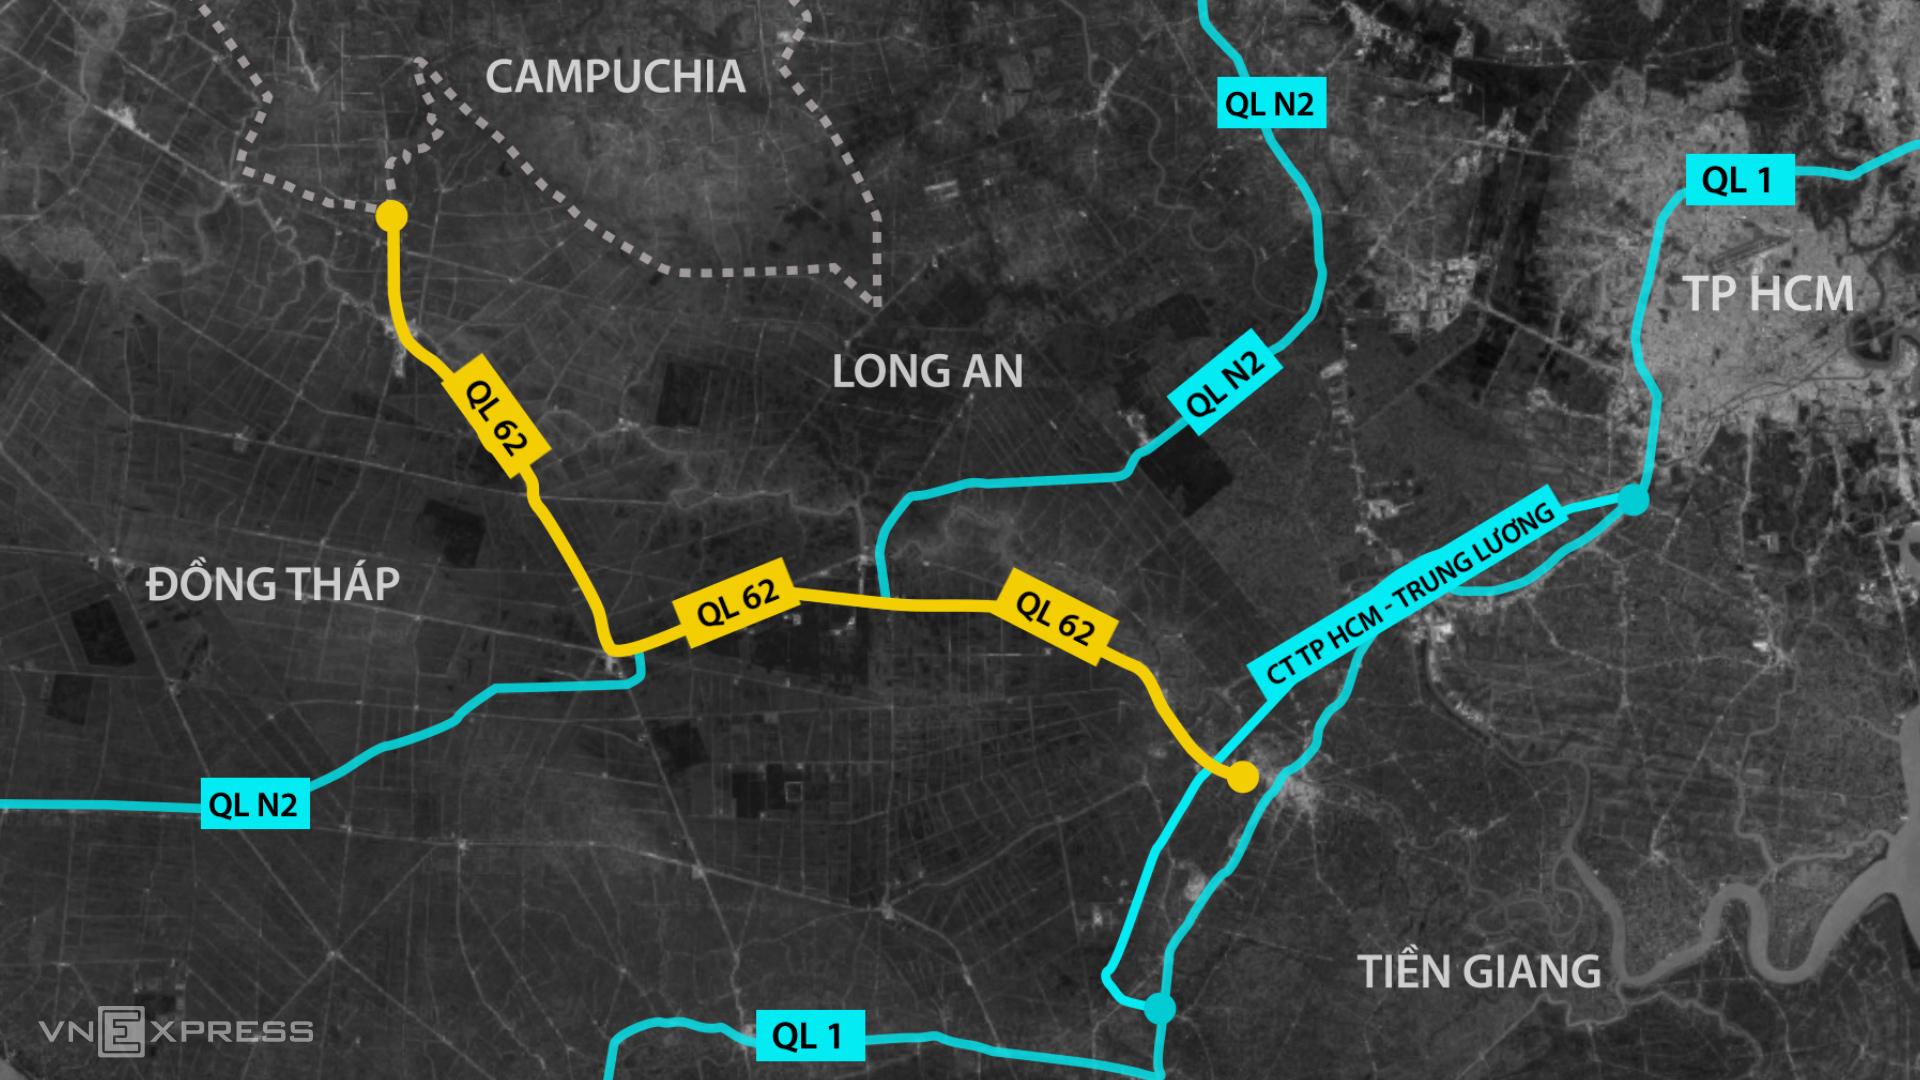 Quốc lộ 62 là tuyến đường kết nối cao tốc TP HCM - Trung Lương, quốc lộ 1 và quốc lộ N2. Đồ họa: Thanh Nhàn